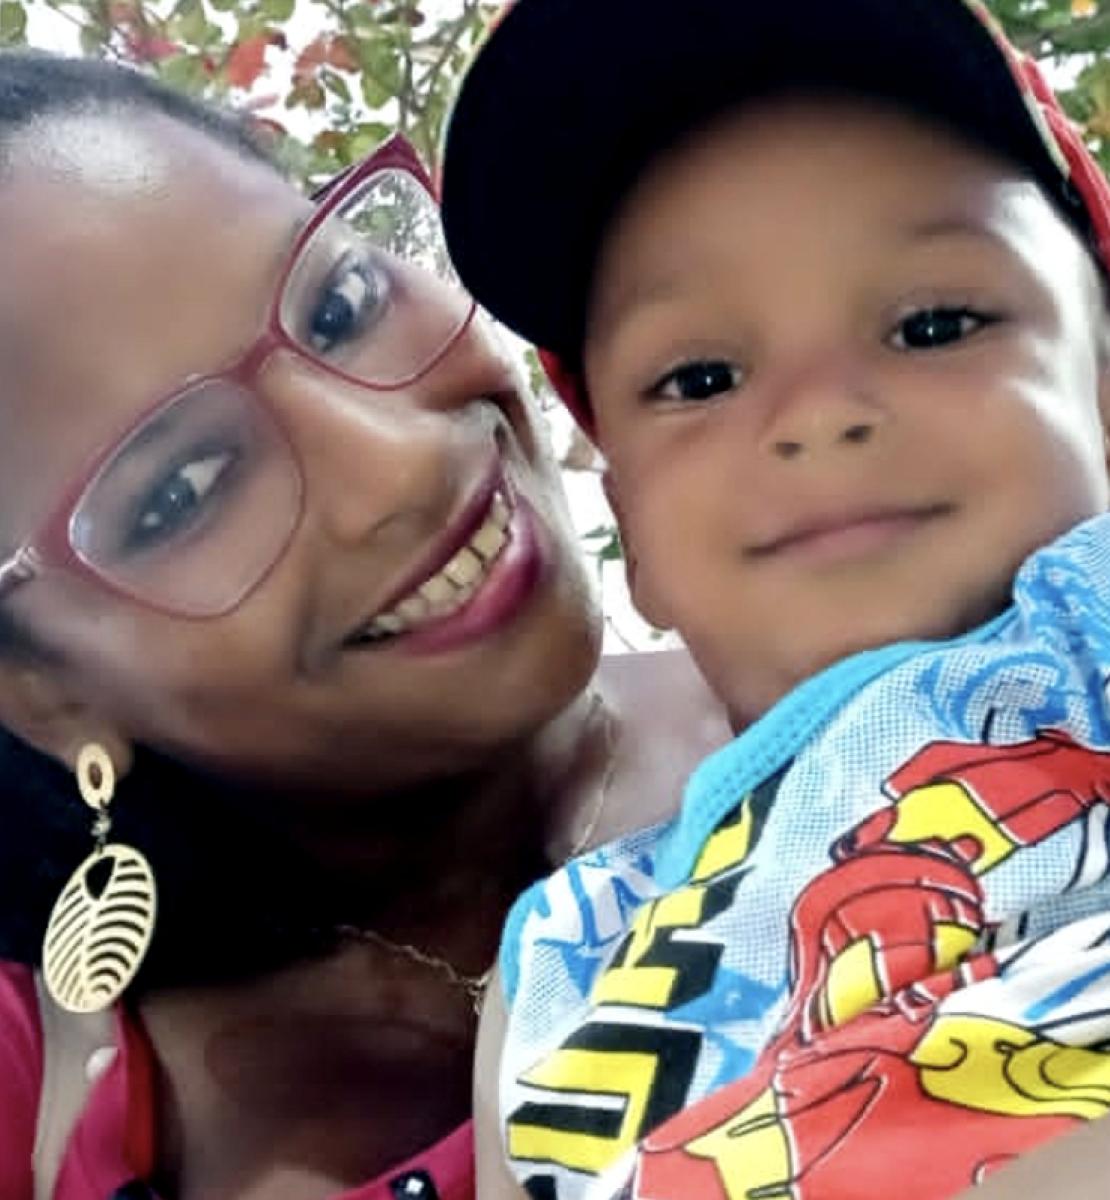 Gros plan sur une femme portant des lunettes, souriant à la caméra et tenant un jeune enfant dans les bras. L'enfant porte une casquette et sourit lui aussi à la caméra.